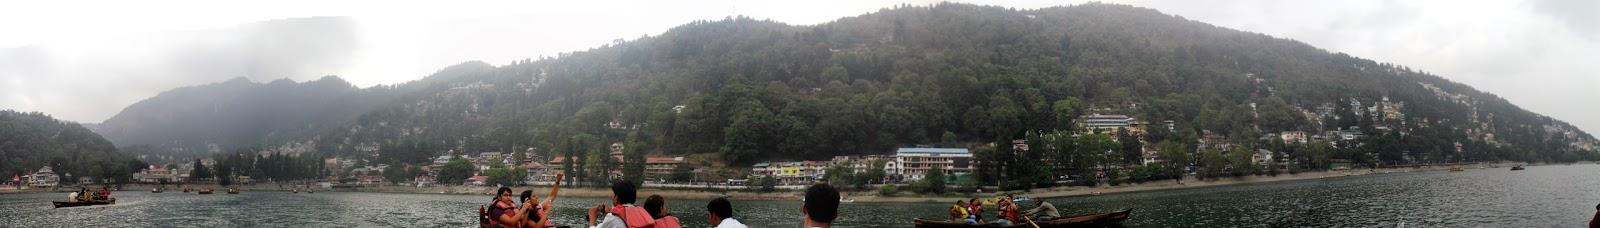 PanoramaNainLake_DevBhumiUttranchal